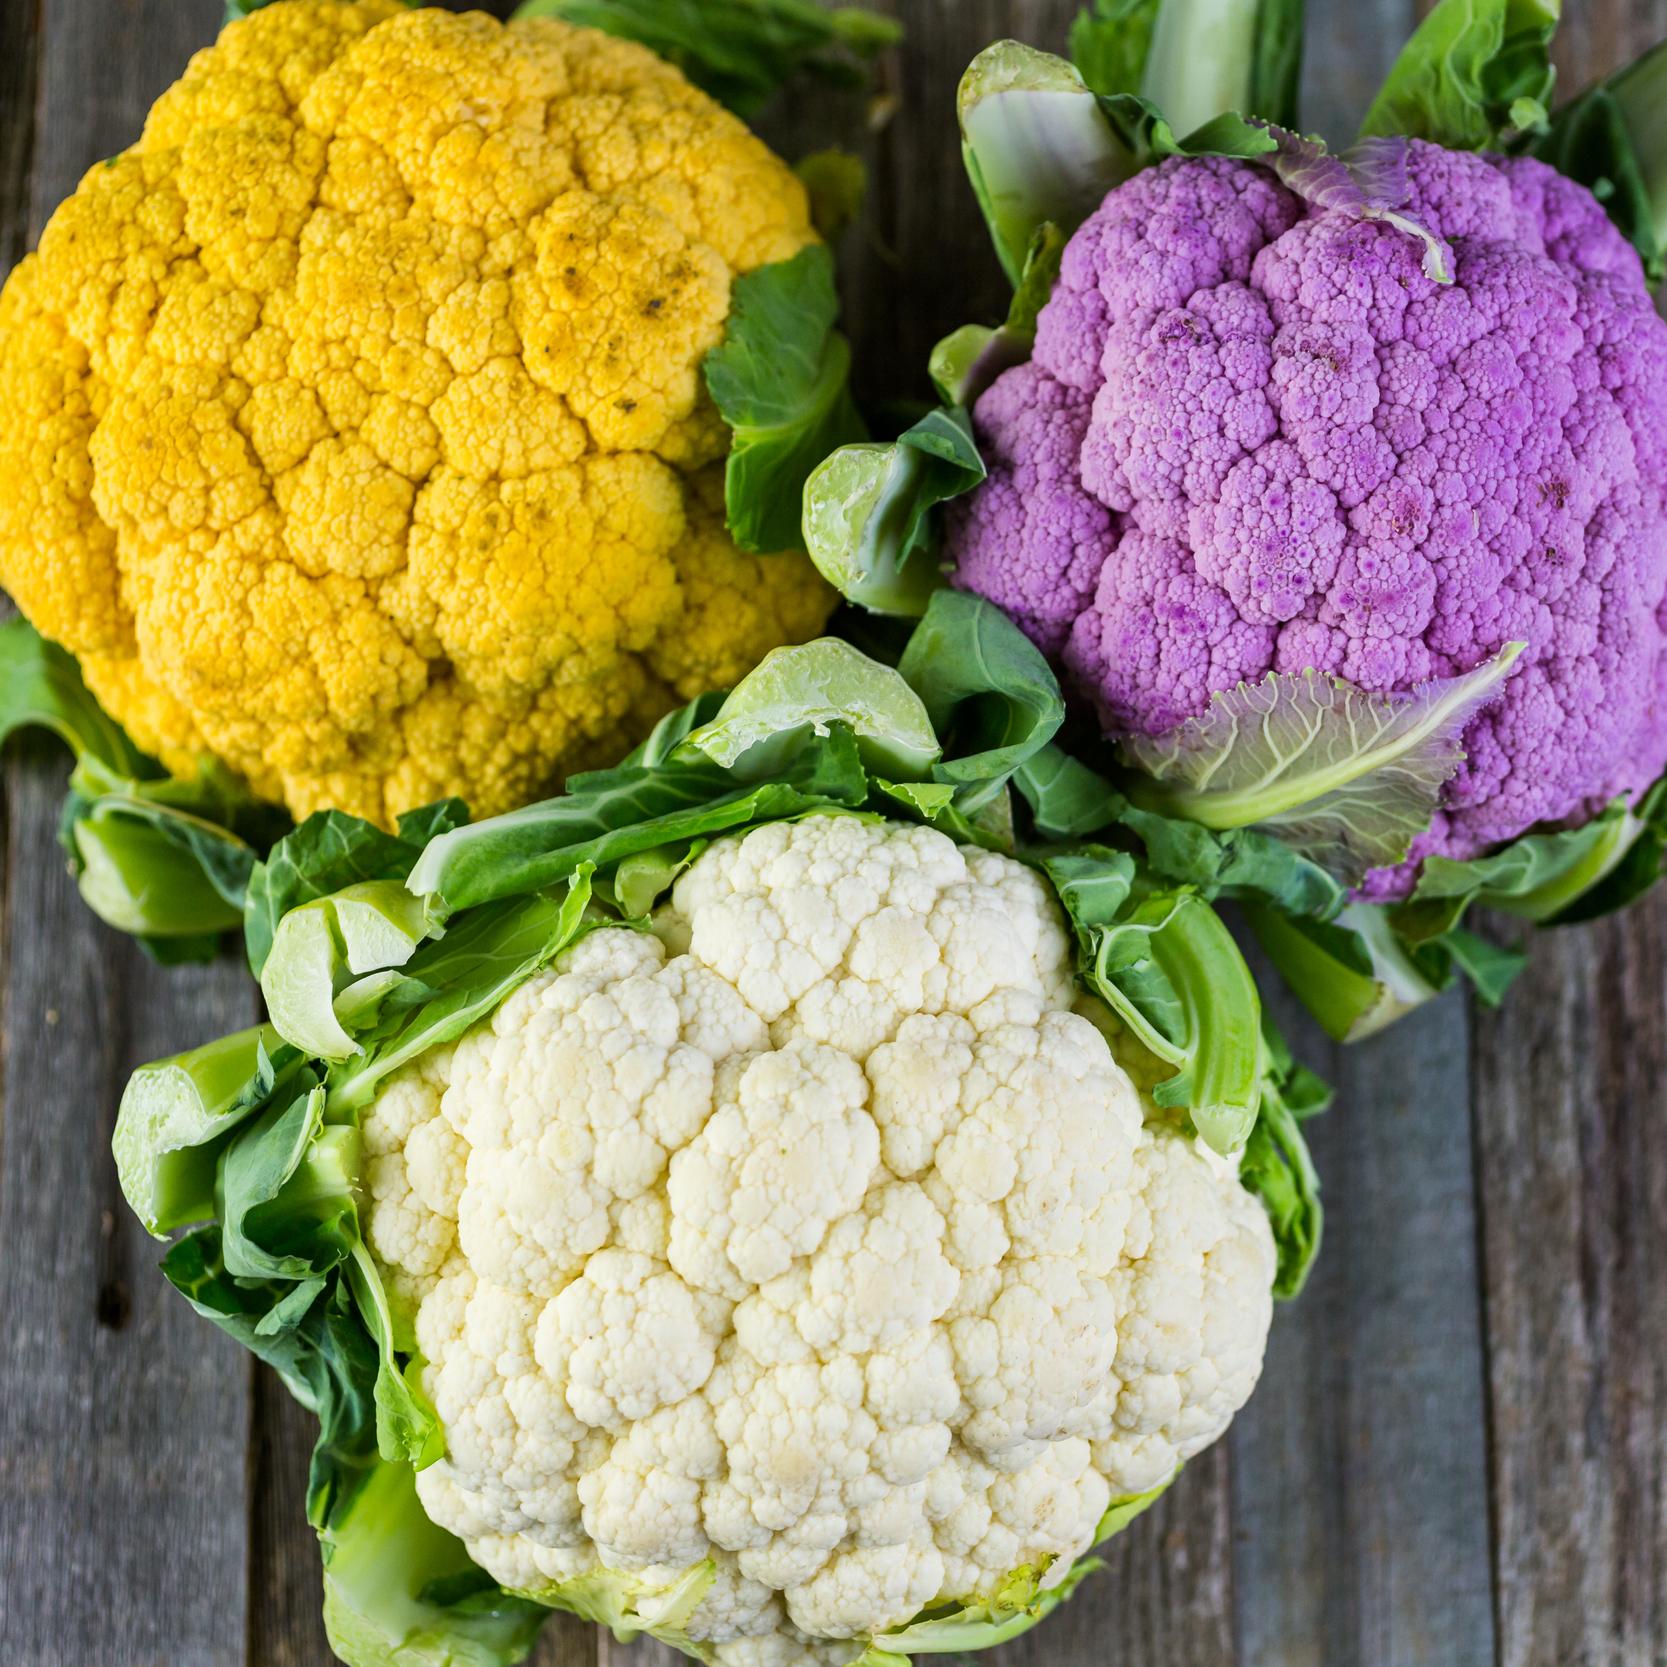 fresh colorful cauliflower